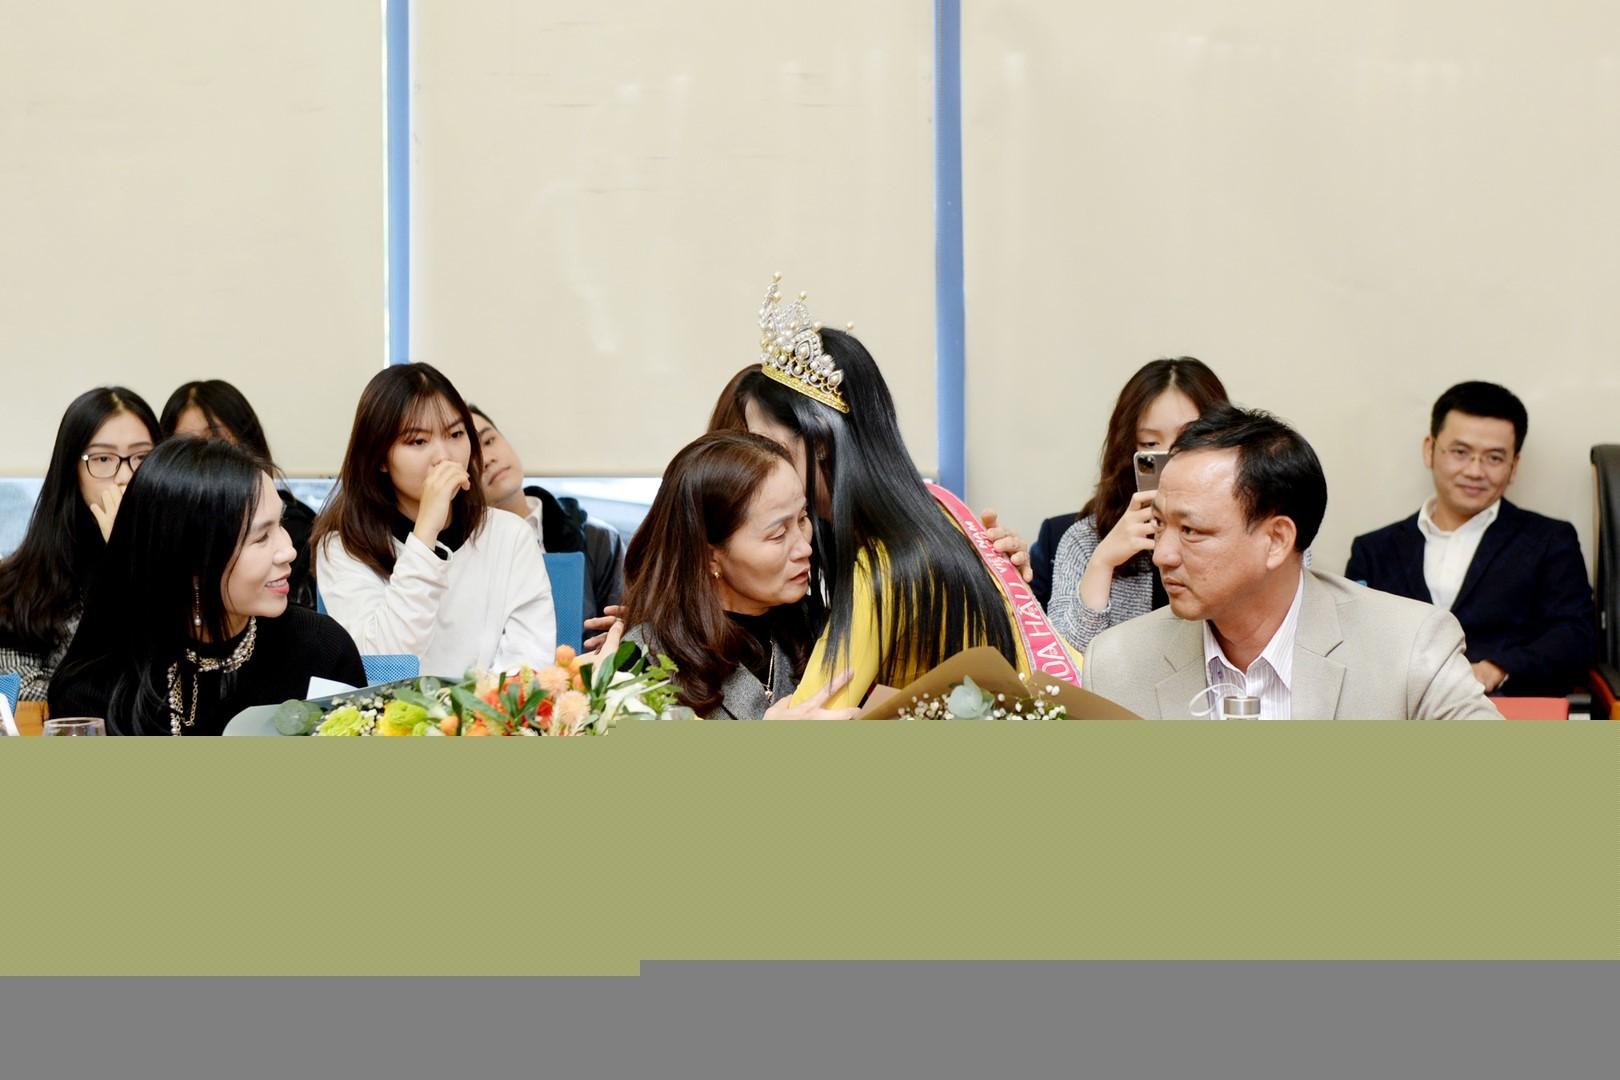 Hoa hậu Đỗ Thị Hà trở lại trường, bật khóc khi nhắc đến bức ảnh lấm lem